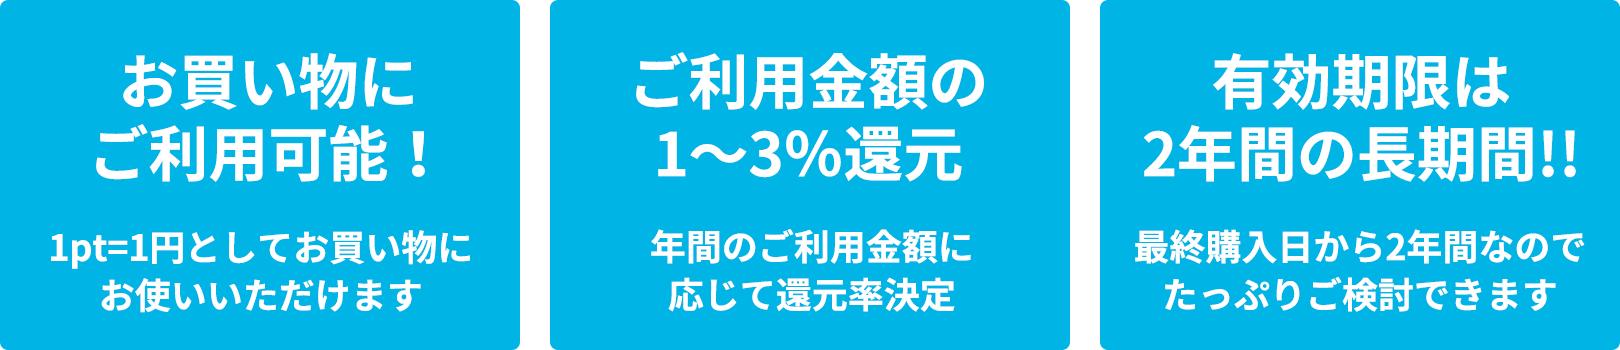 お買い物にご利用可能!:1pt=1円としてお買い物にお使いいただけます|ご利用金額の1~3%還元:年間のご利用金額に応じて還元率決定|有効期限は2年間の長期間!!:最終購入日から2年間なのでたっぷりご検討できます